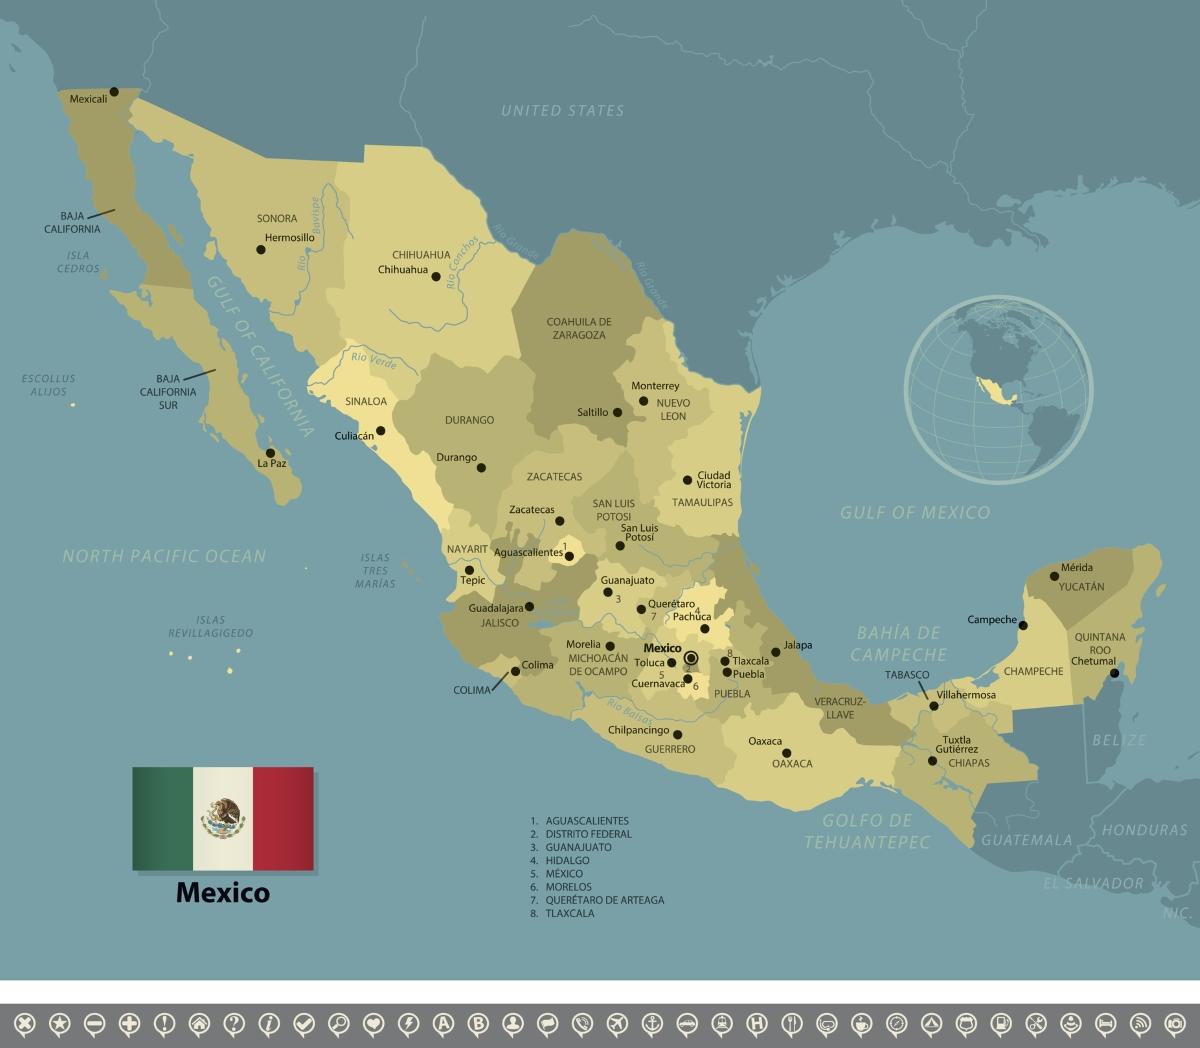 """Названието Мексико идва от две думи с древни ацтекски корени - """"metztli""""(месечина) и """"xictlii""""(пъп). Вероятно това идва от местоположението на страната."""